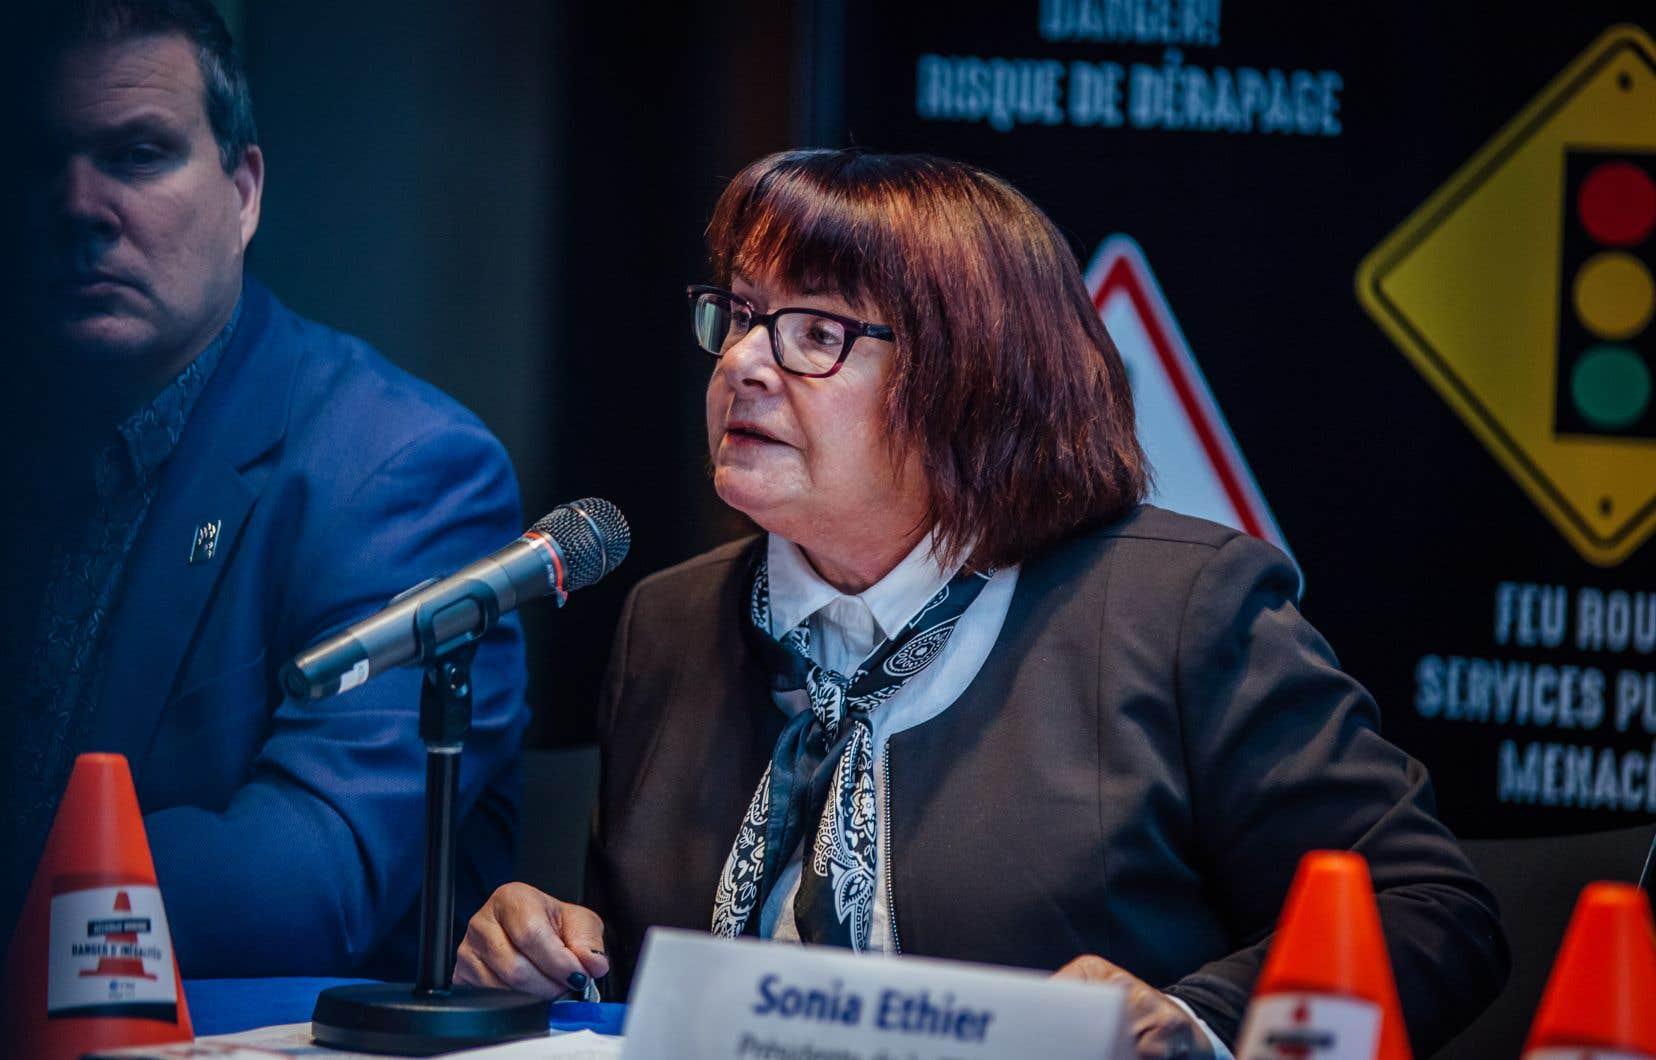 «Quand va-t-on s'arrêter une fois pour toutes pour réfléchir ensemble au système d'éducation que l'on veut au Québec?», a questionné la présidente de la CSQ,Sonia Éthier, en conférence de presse dimanche.